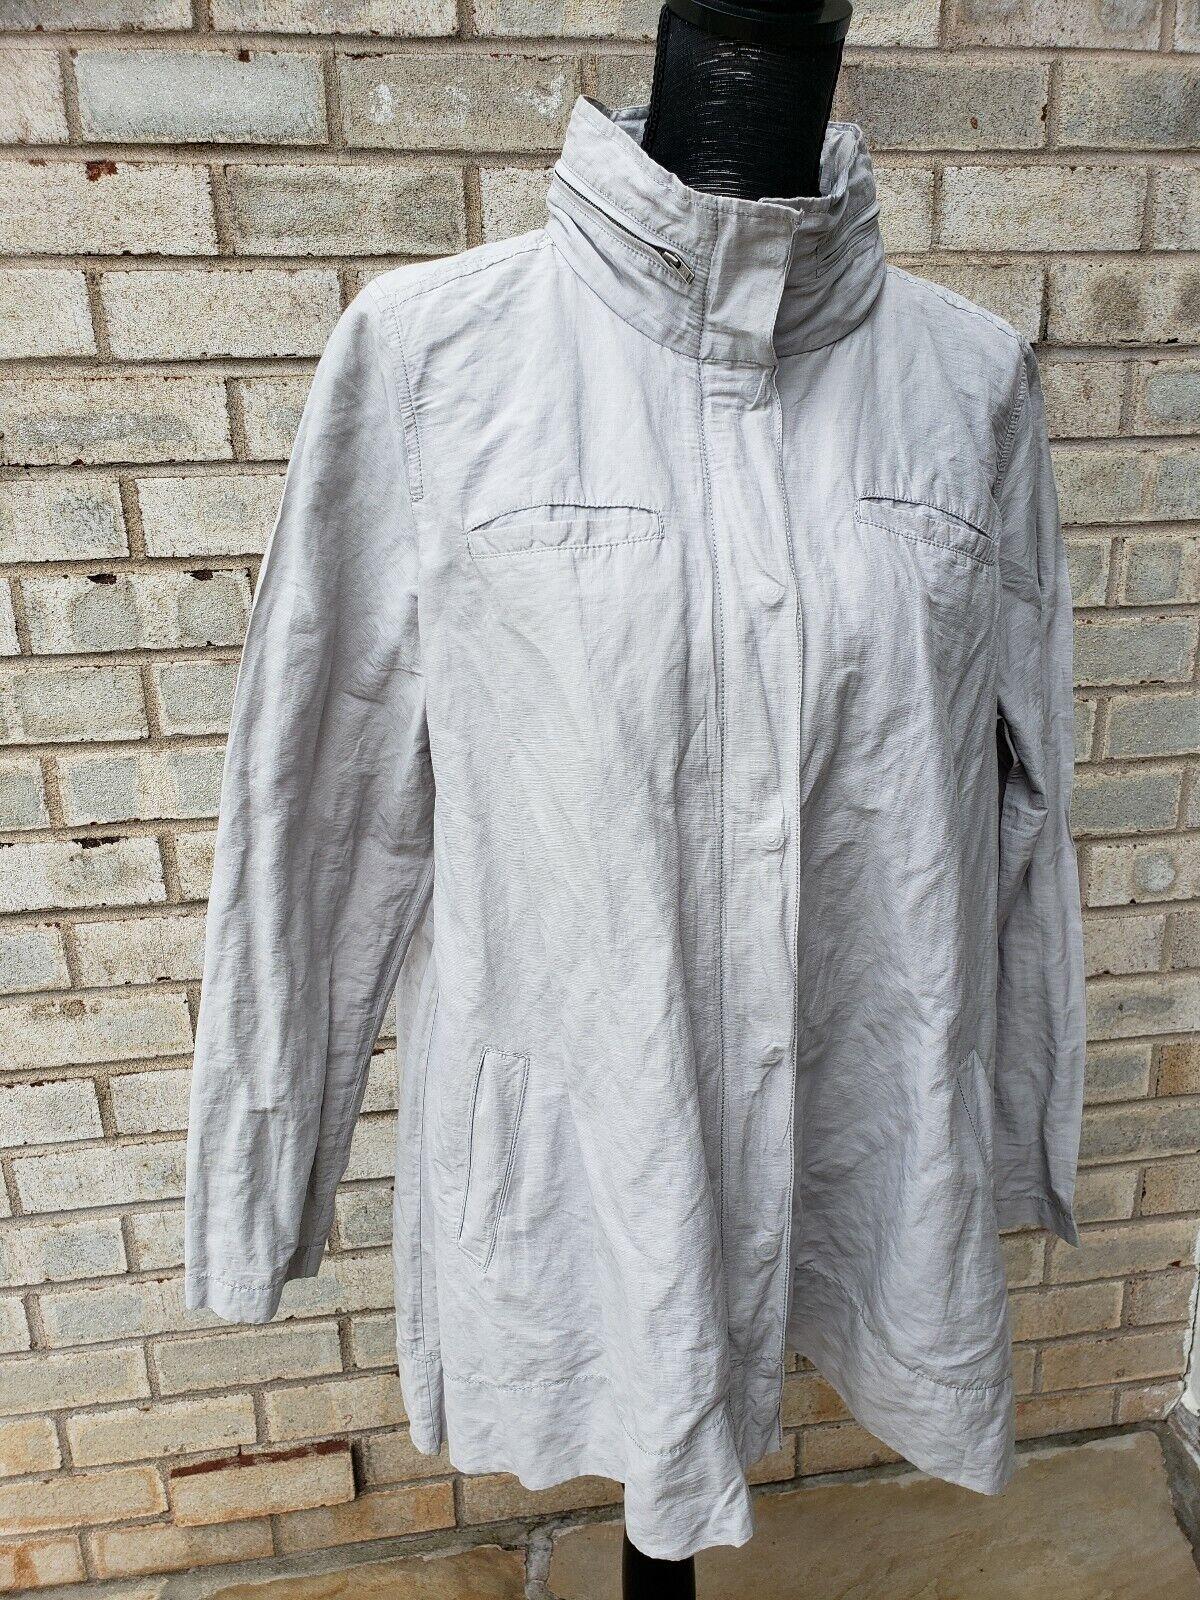 Eileen Fisher Caqui Algodón  Full Zip chaqueta con capucha Abrigo Grande Snap  servicio honesto